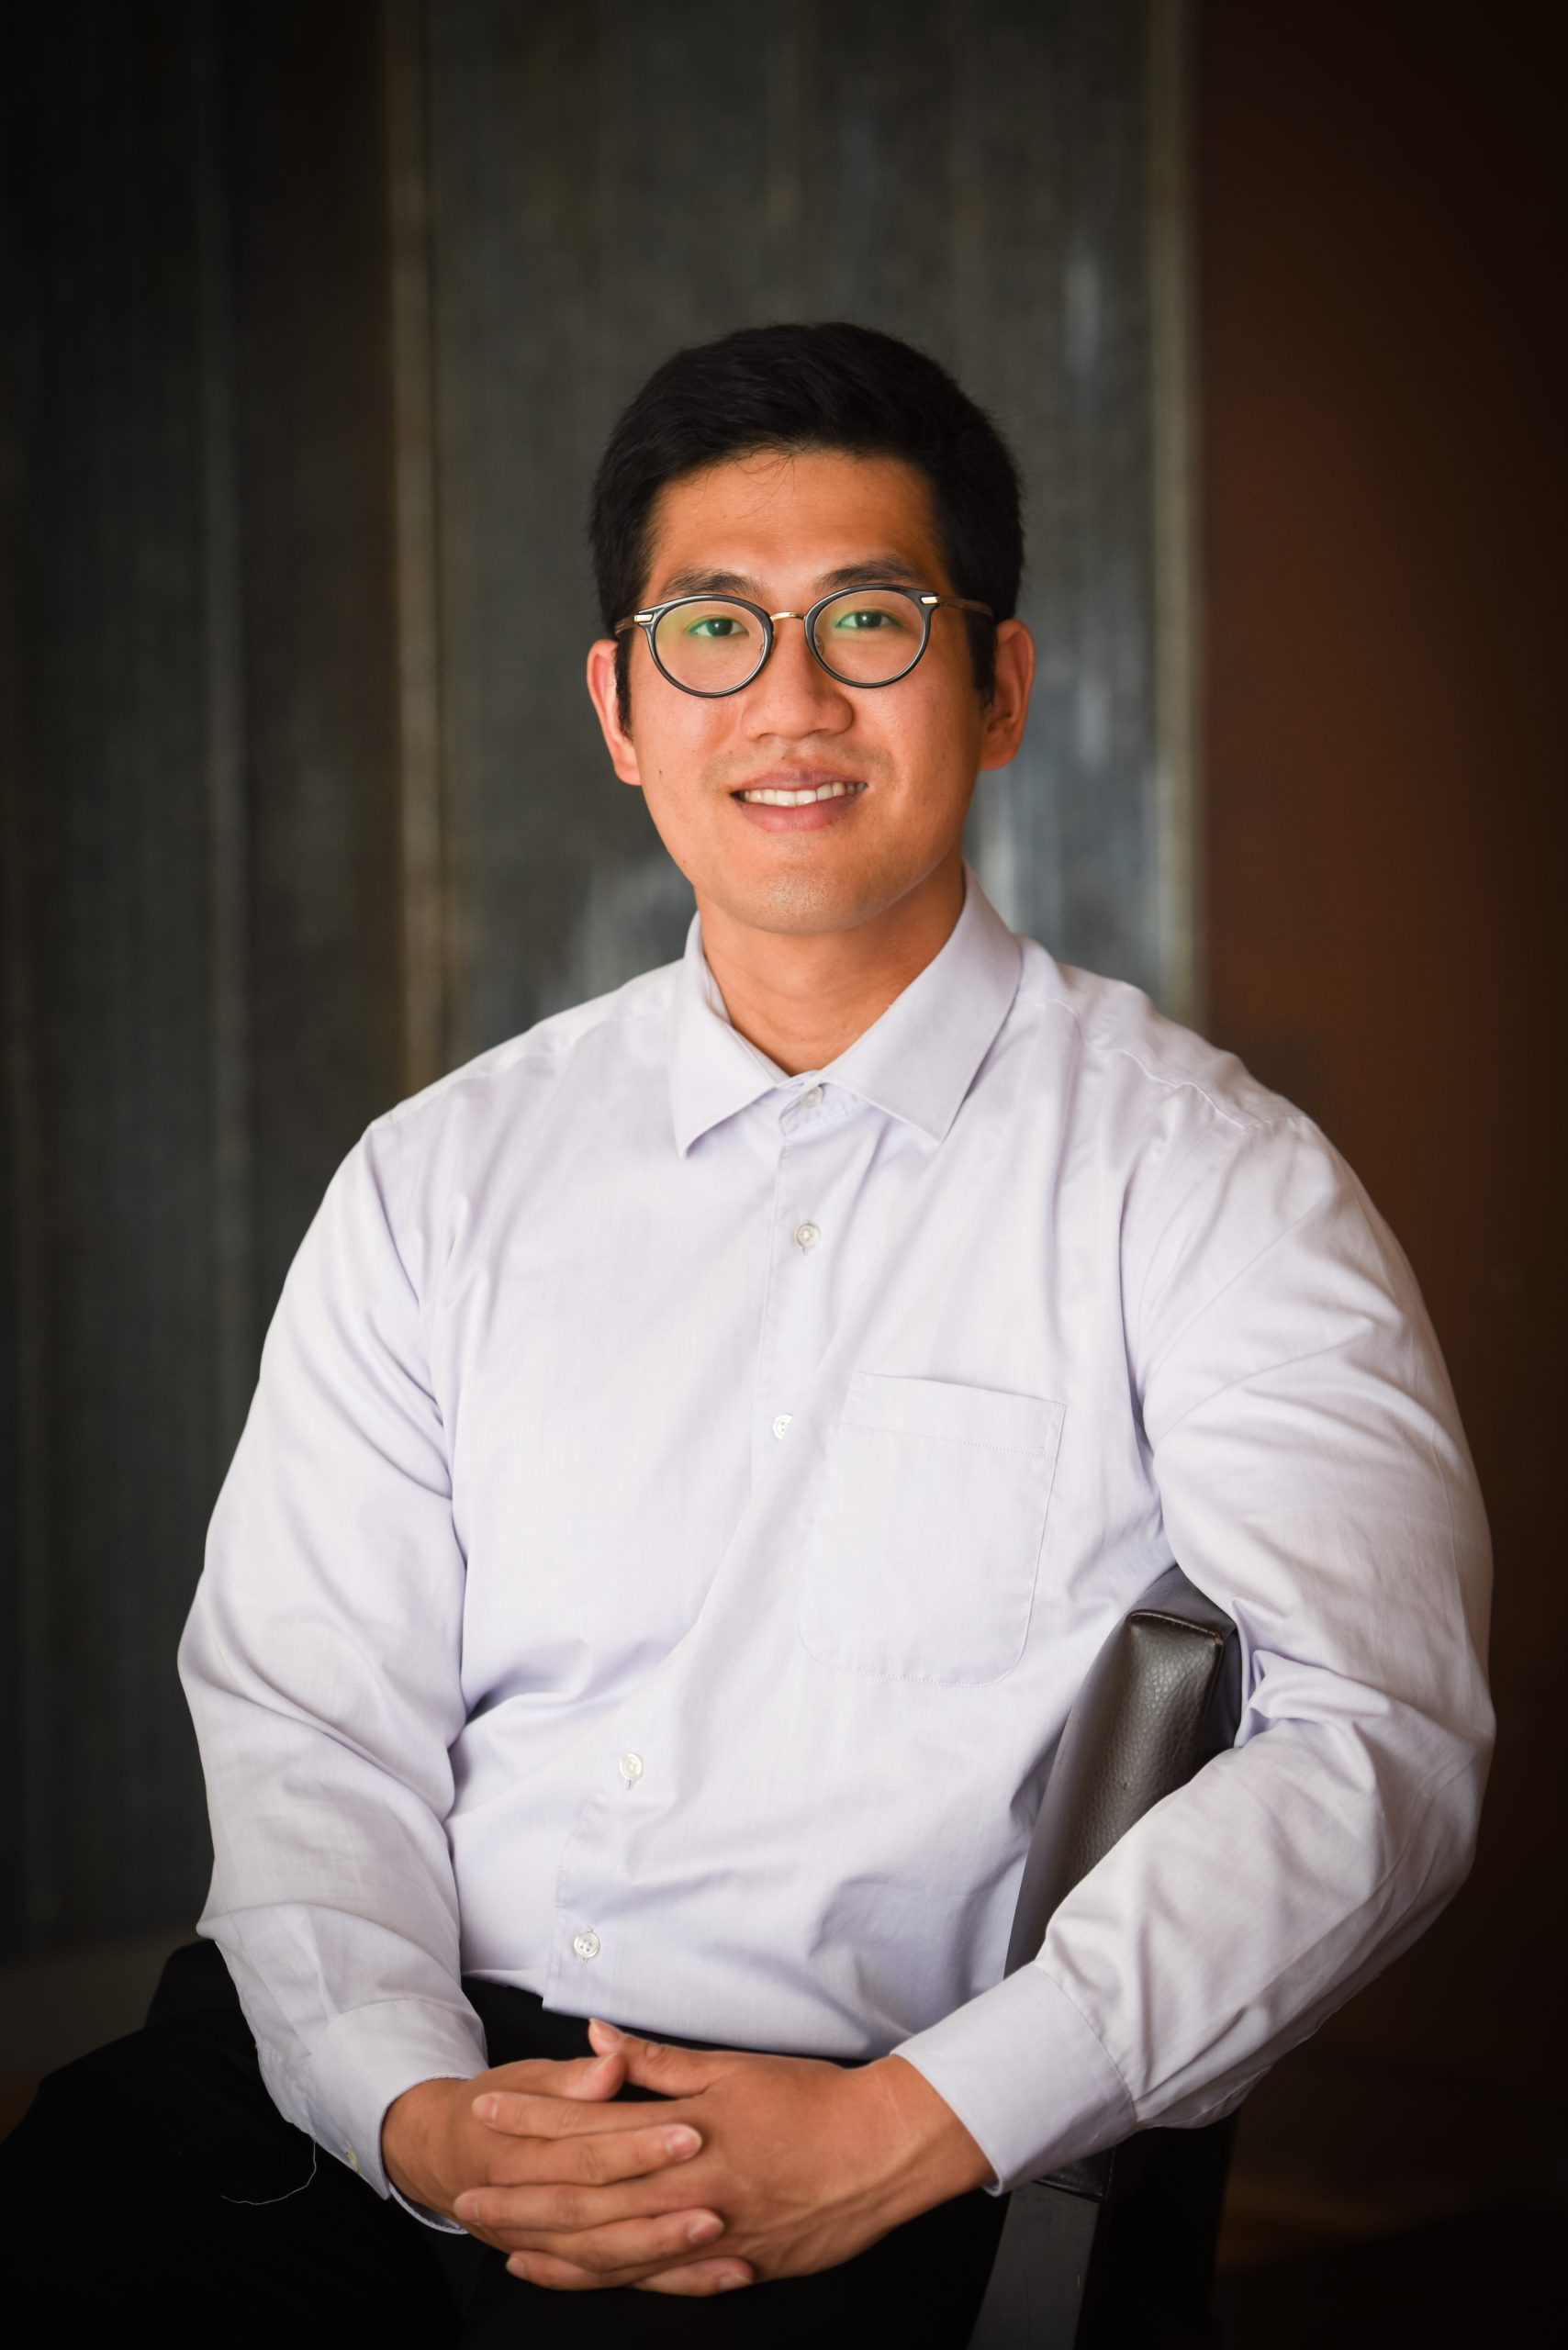 Dr. Kevin Yang of Westgate Dental Centre